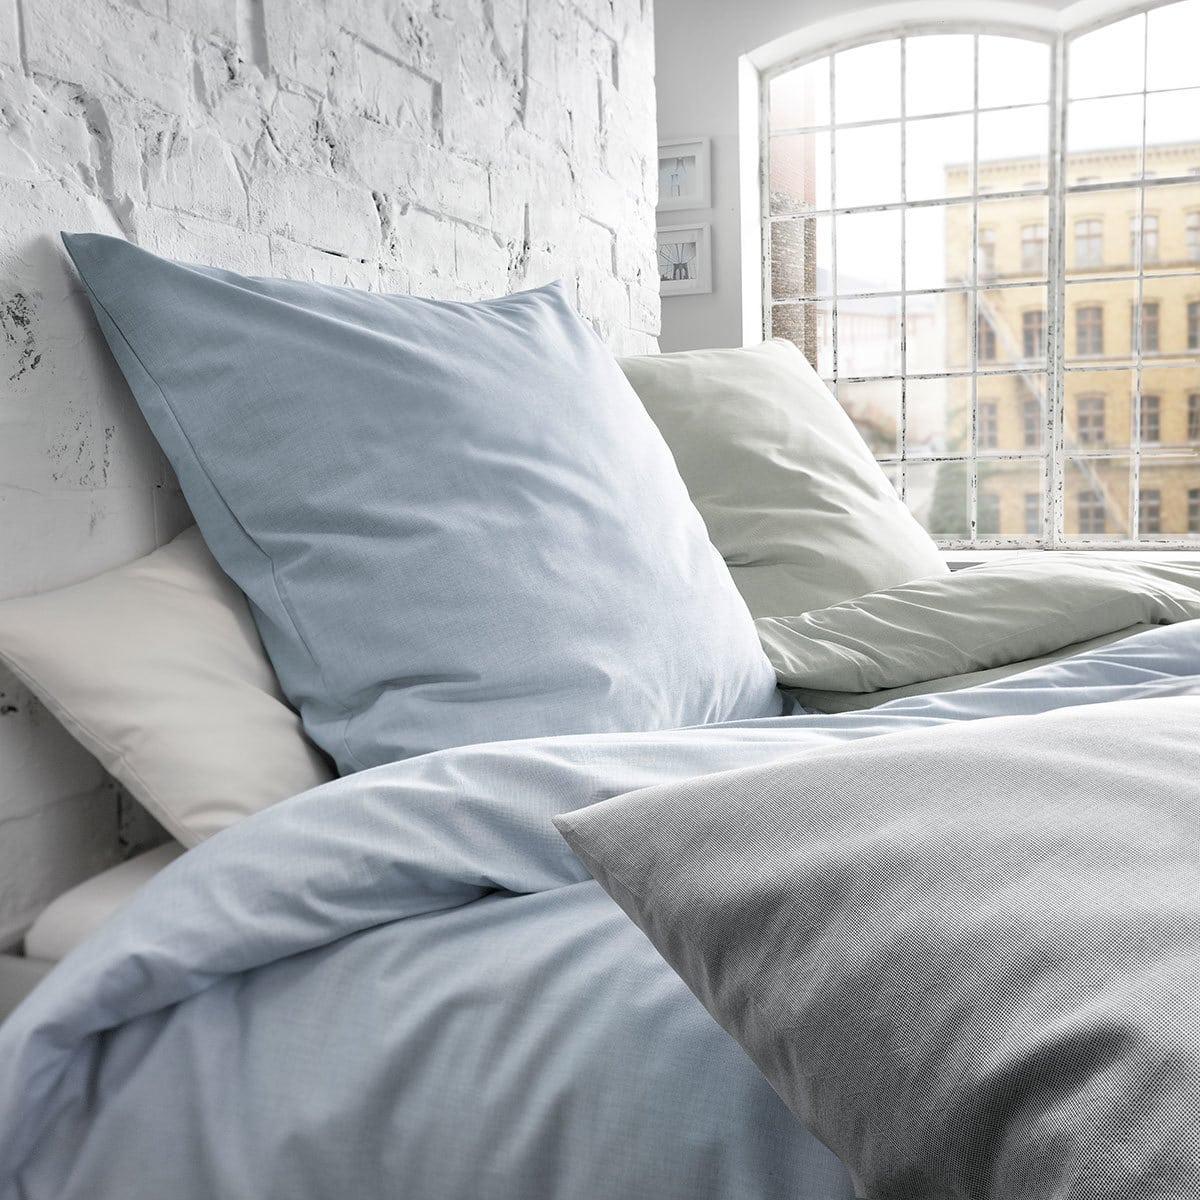 fleuresse bettw sche porto kirsche g nstig online kaufen bei bettwaren shop. Black Bedroom Furniture Sets. Home Design Ideas